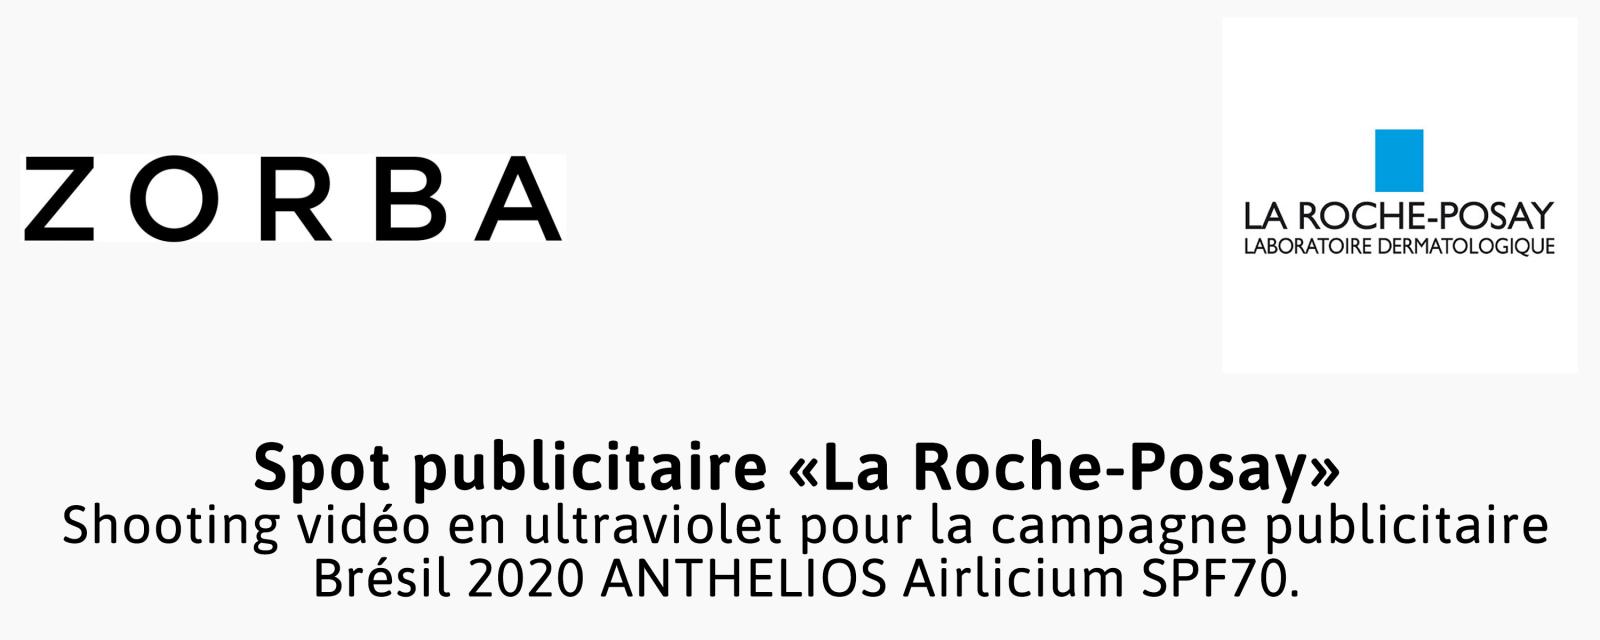 Prestation photographique réalisée par le photographe Pierre-Louis Ferrer, spécialiste en photographie dans l'ultraviolet et l'infrarouge, pour le compte de Zorba et La Roche-Posay.